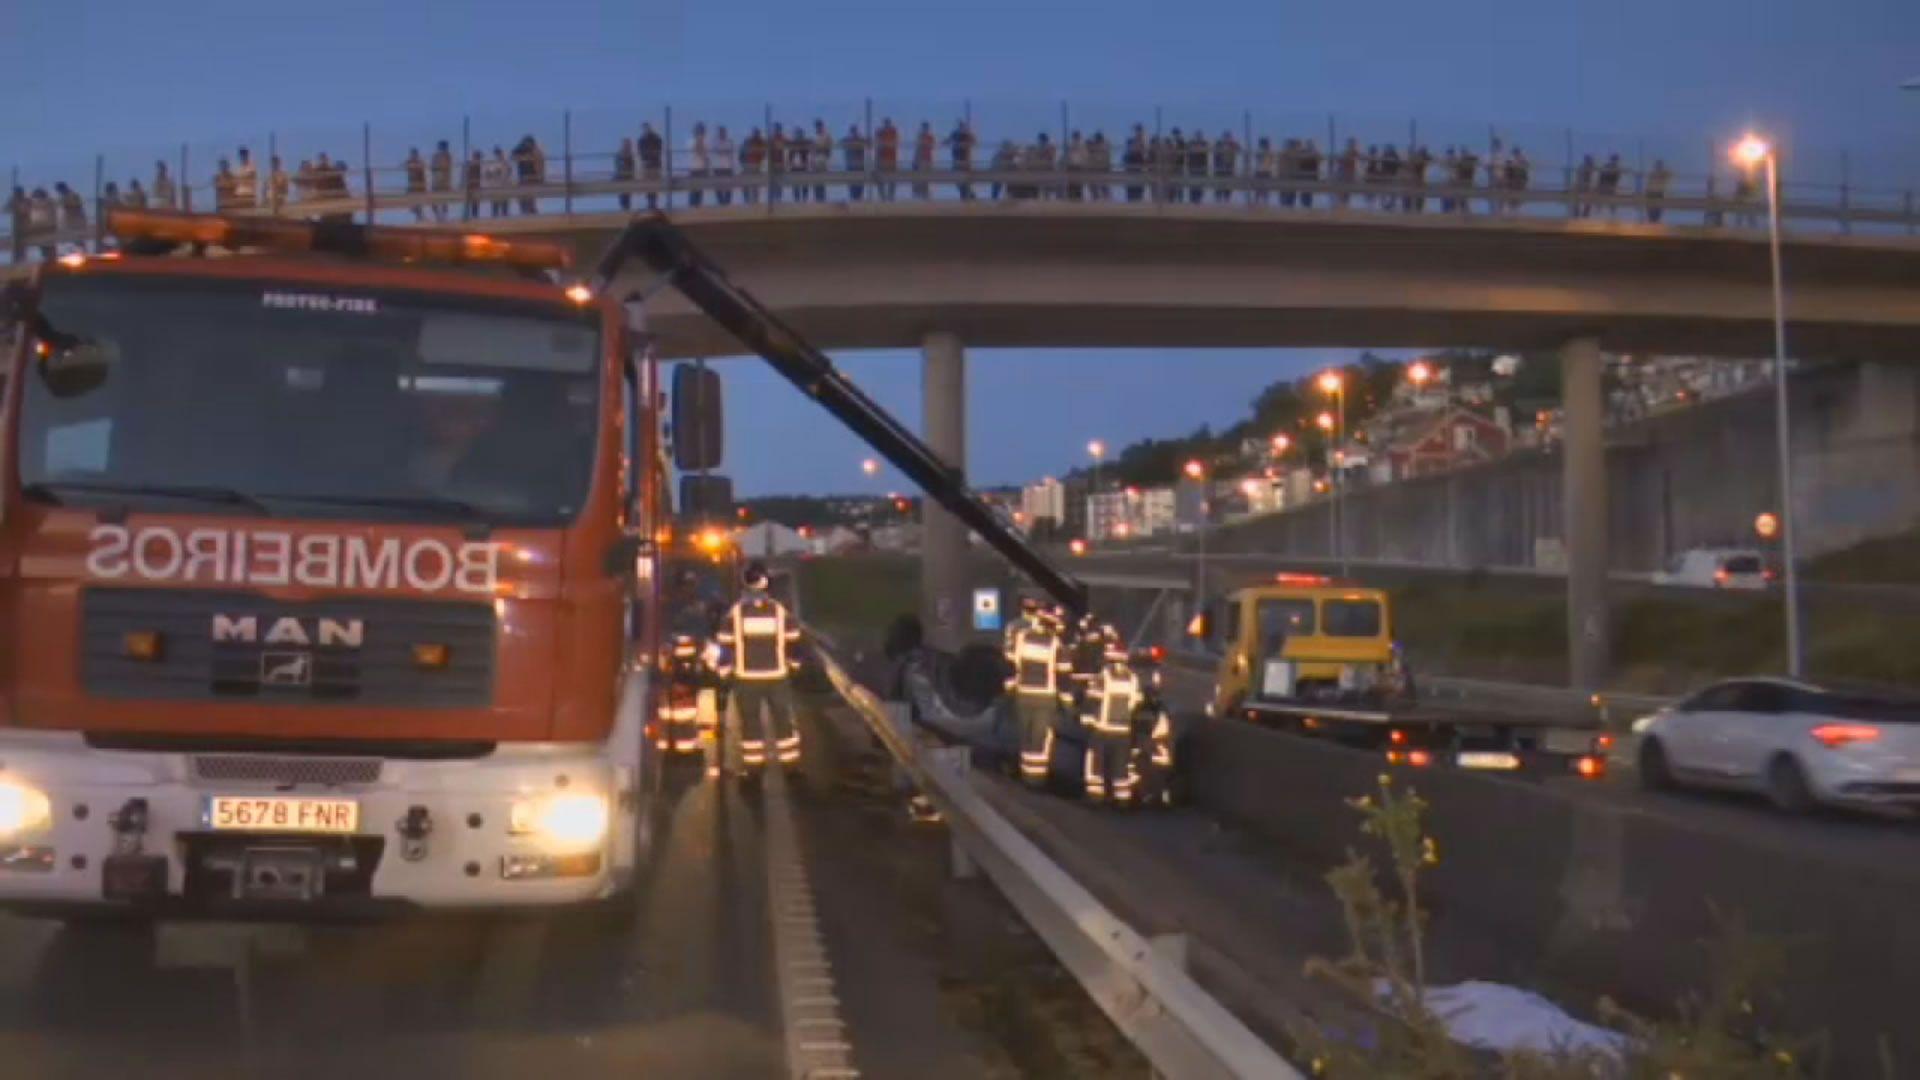 Los bomberos excarcelaron a los ocupantes del vehículo destrozado.Bieito Lovera y Sara Cal, fallecidos en el trágico accidente de la AP-9 en Vigo, en sendas fotos de su Facebook